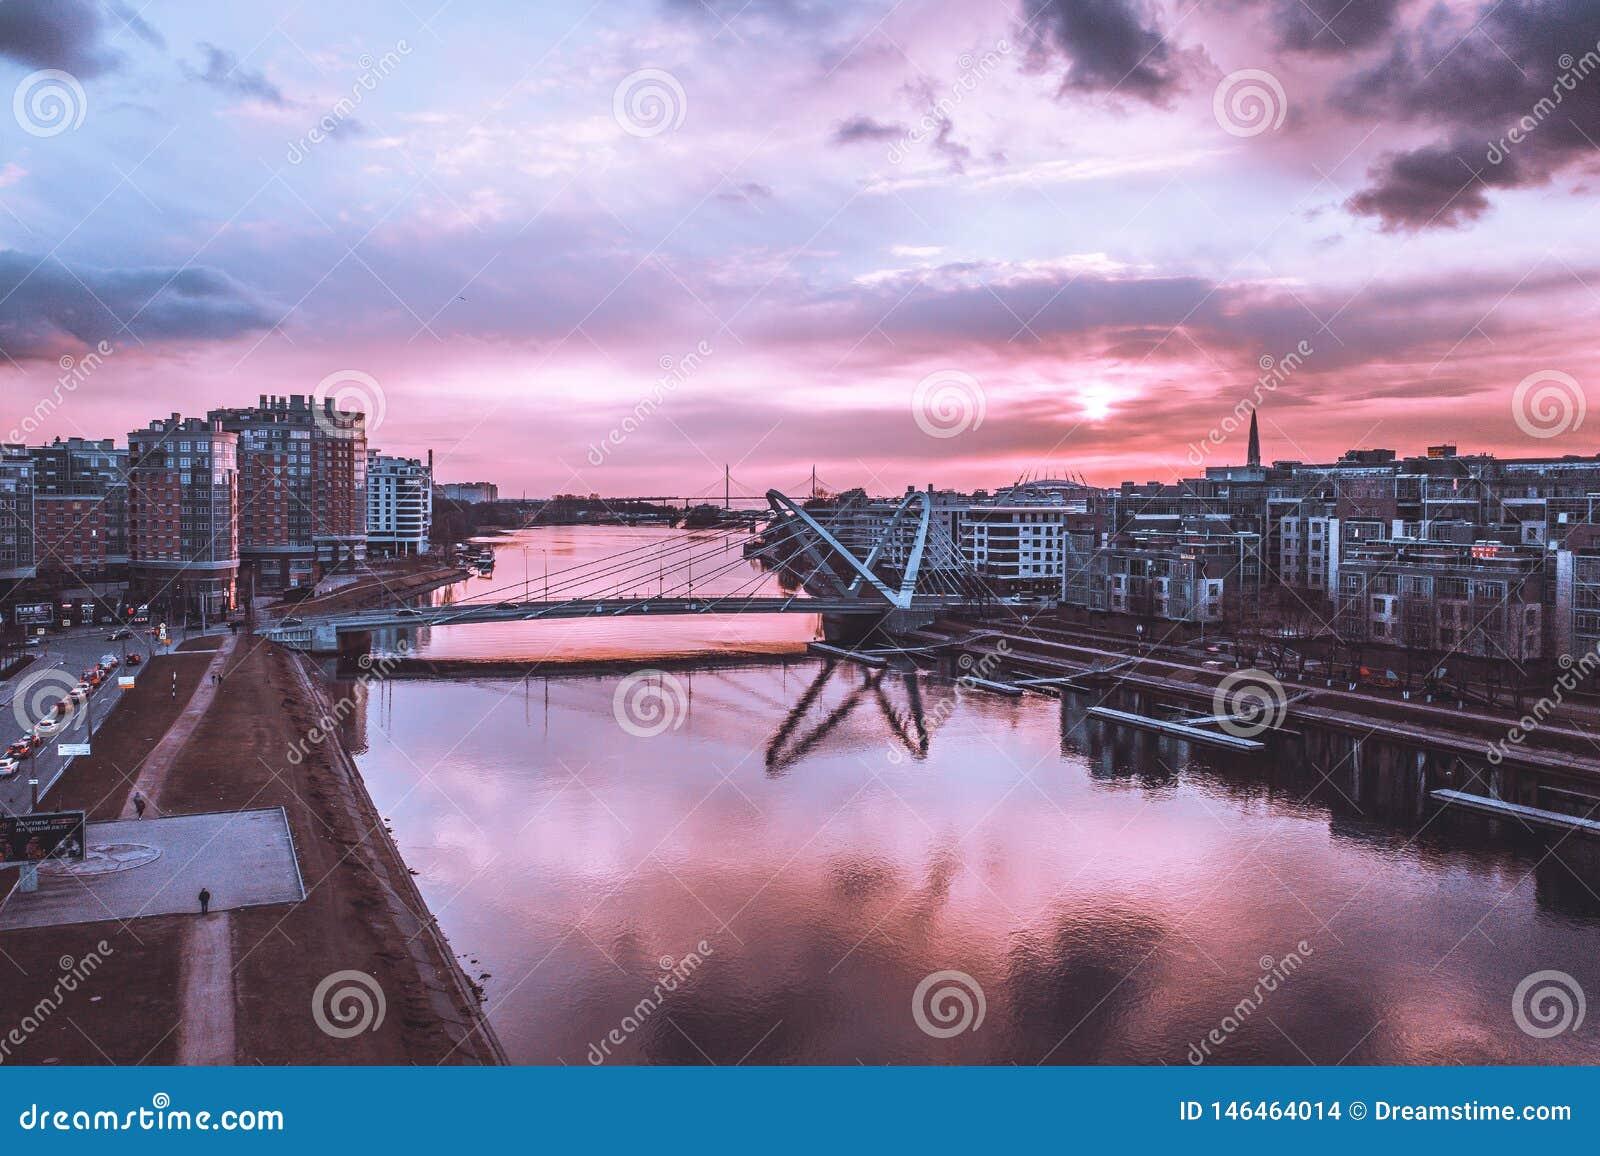 Lazarevskybrug in St. Petersburg Kabel-gebleven Lazarevsky-Brug in Sant Petersburg een zonsondergang, Rusland